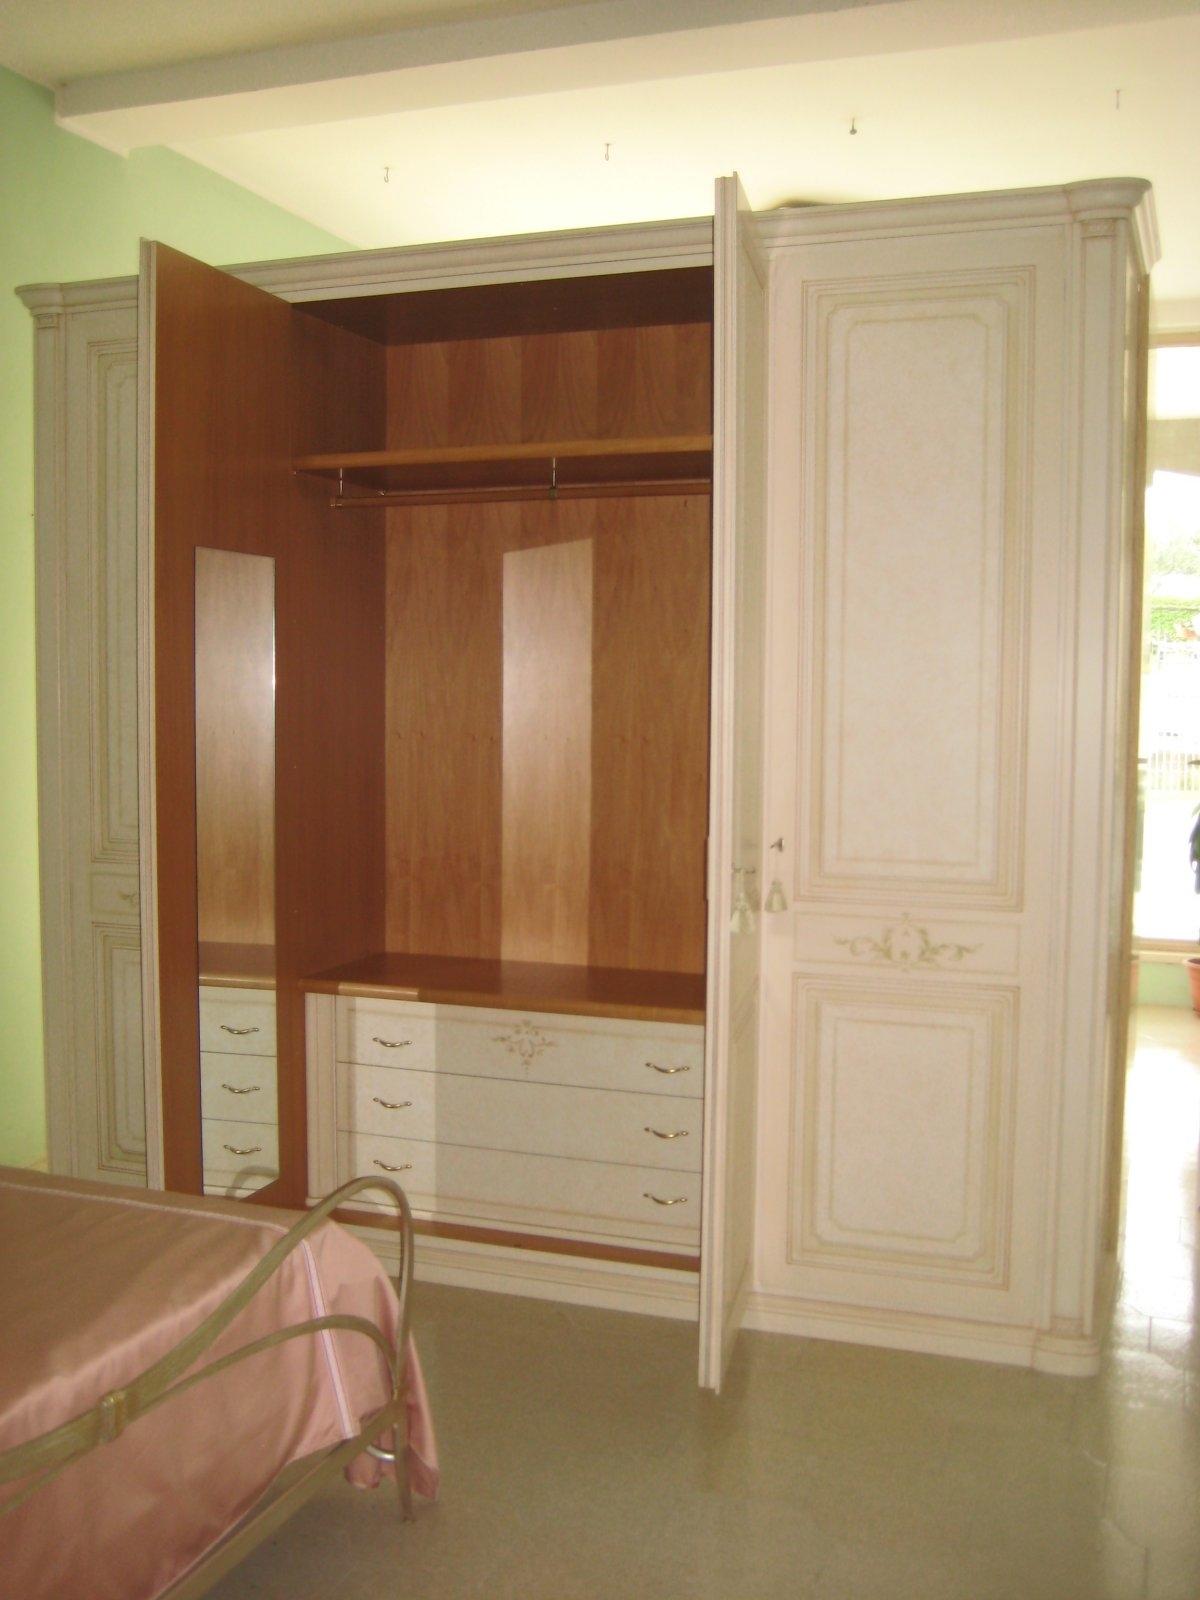 Camera classica appartenente - Cucine fascia alta ...